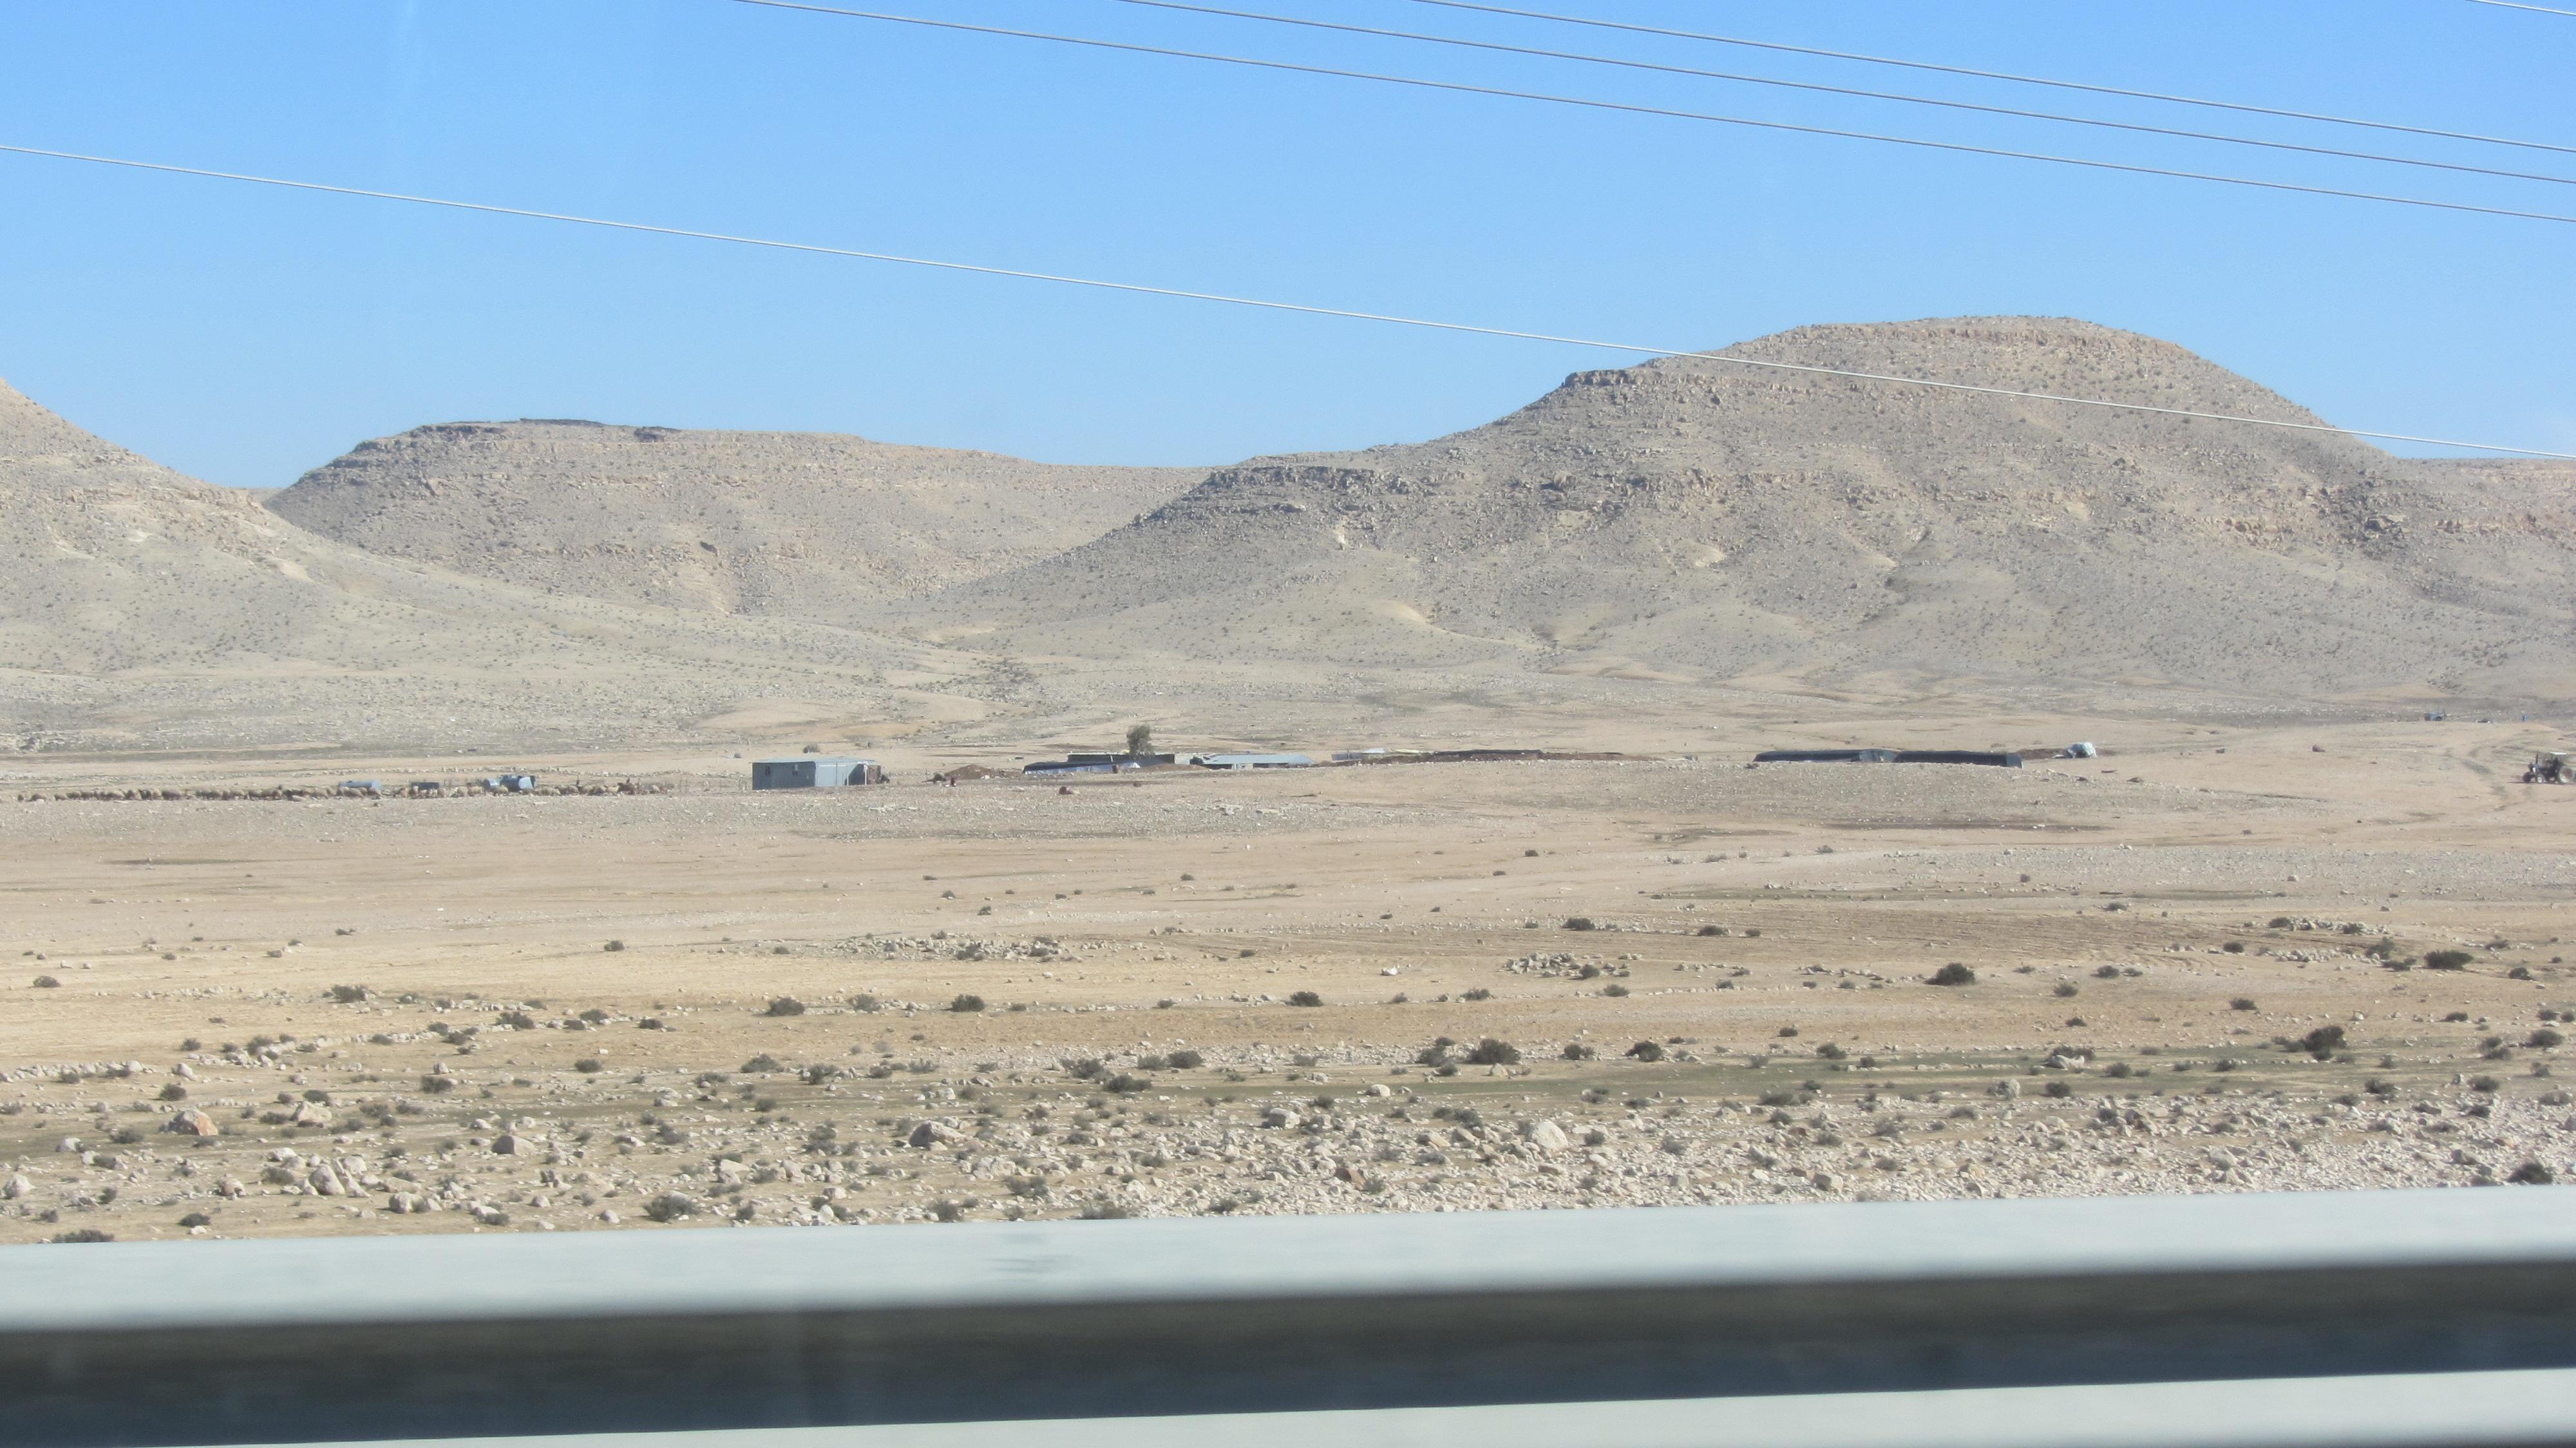 Bedouin along road